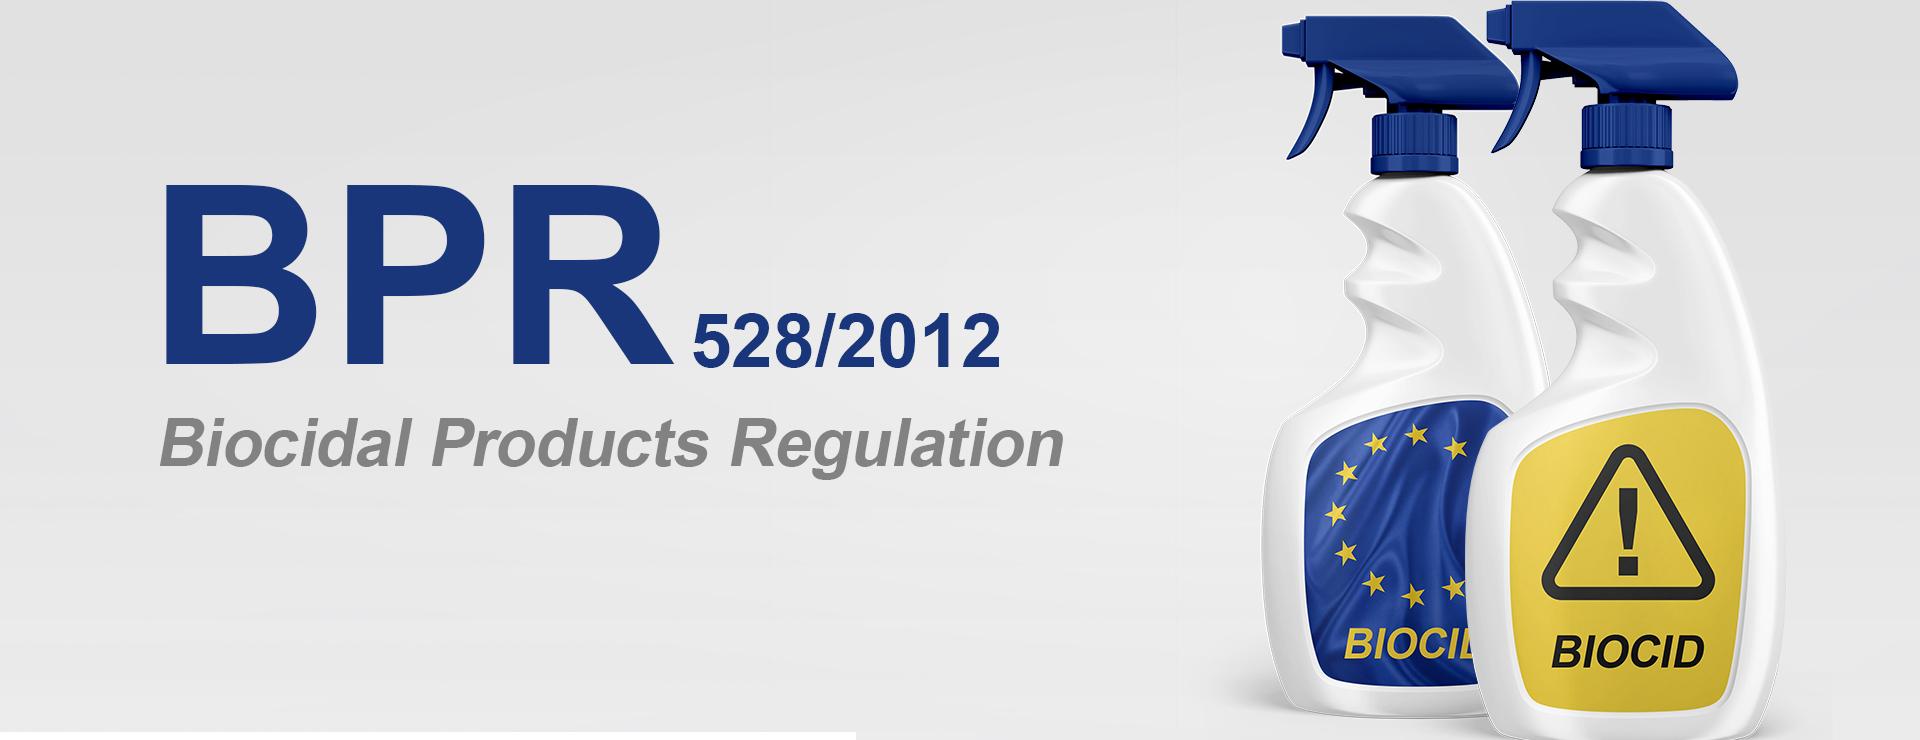 Porozumění nařízení o biocidních přípravcích (BPR – Biocidal Products Regulation)